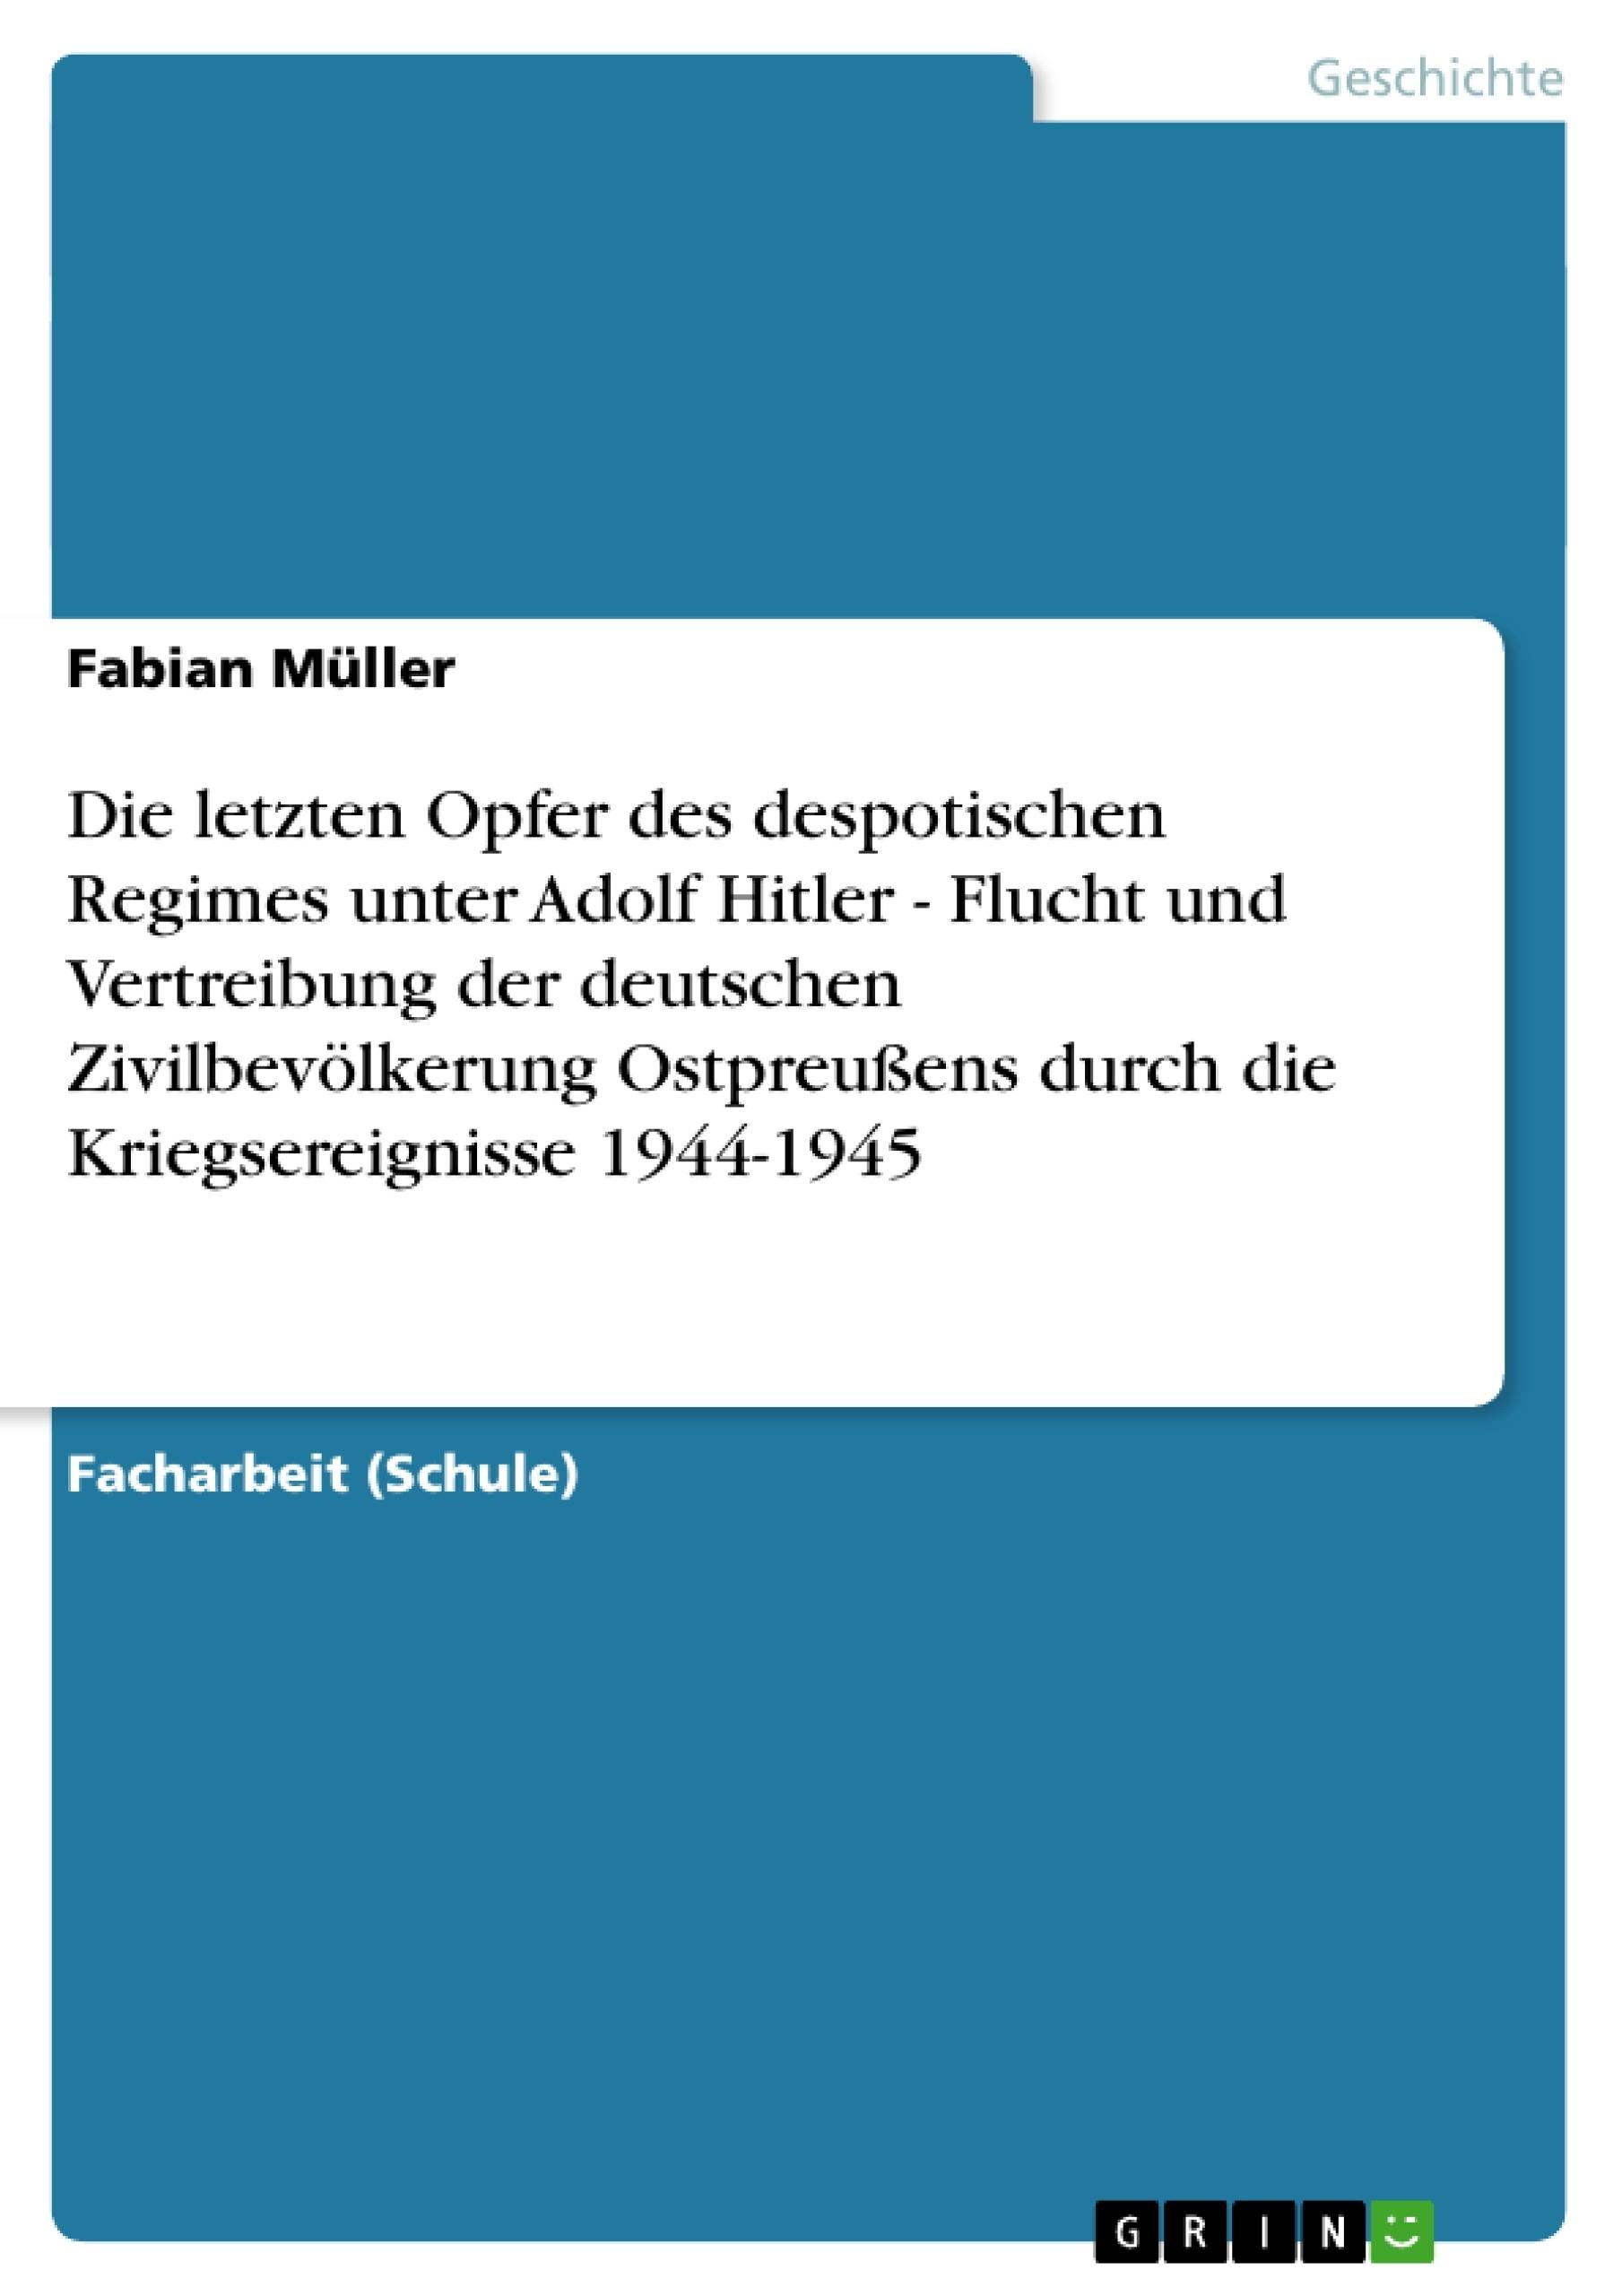 Titel: Die letzten Opfer des despotischen Regimes unter Adolf Hitler  -  Flucht und Vertreibung der deutschen Zivilbevölkerung Ostpreußens durch die Kriegsereignisse 1944-1945